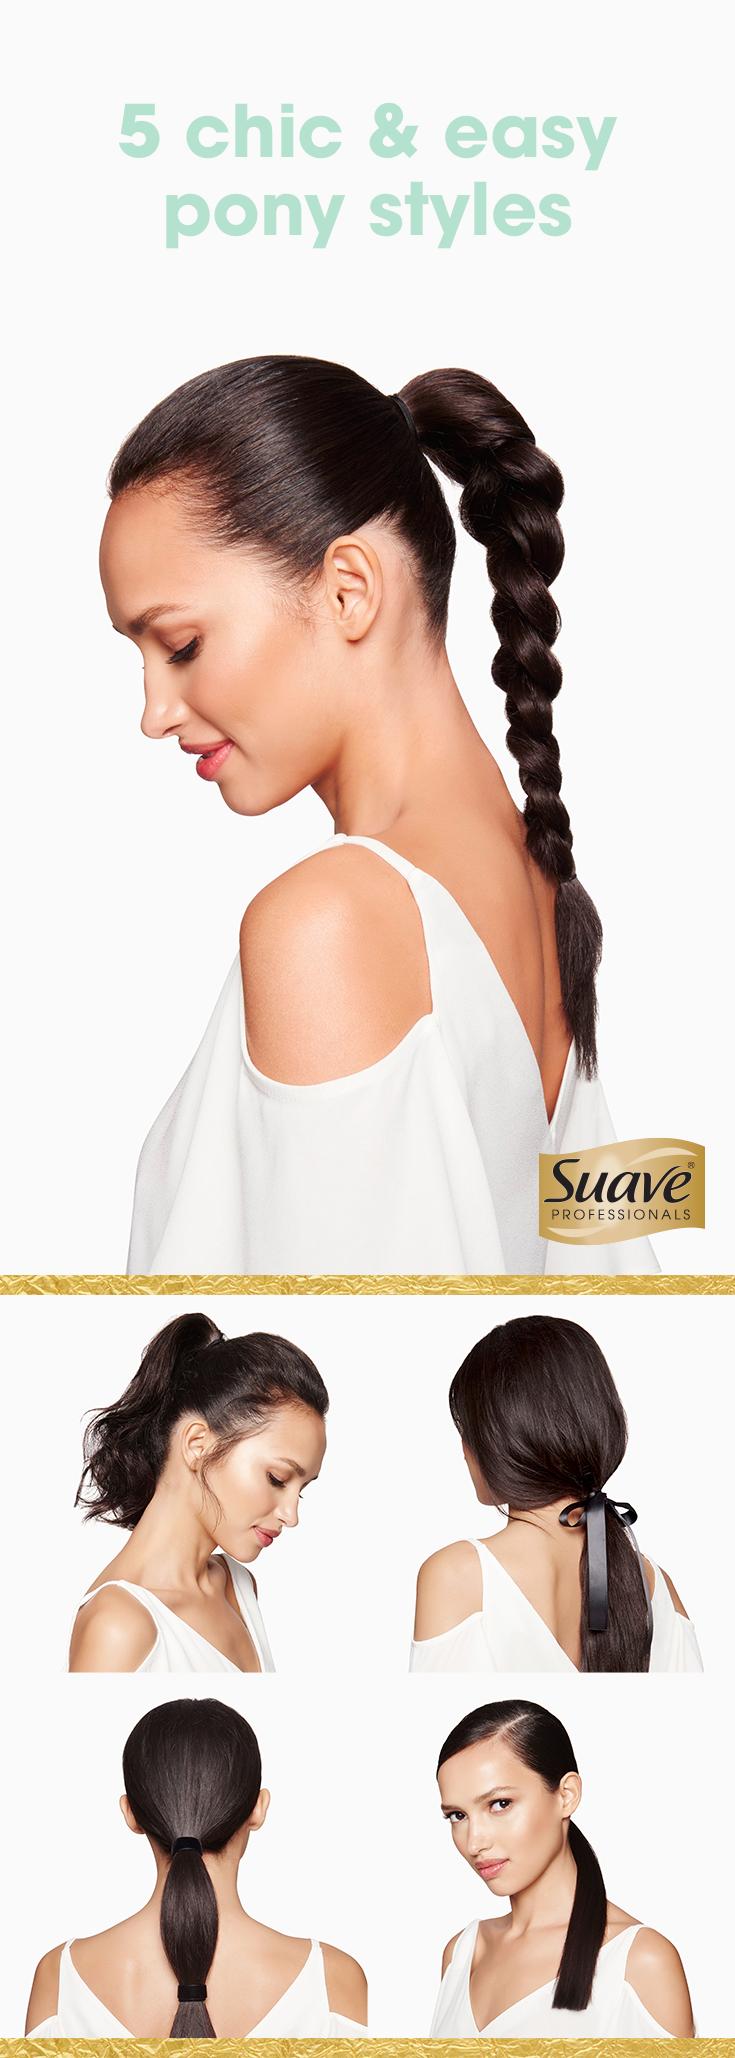 lightningfast ways to update your ponytail sea salt spray blow